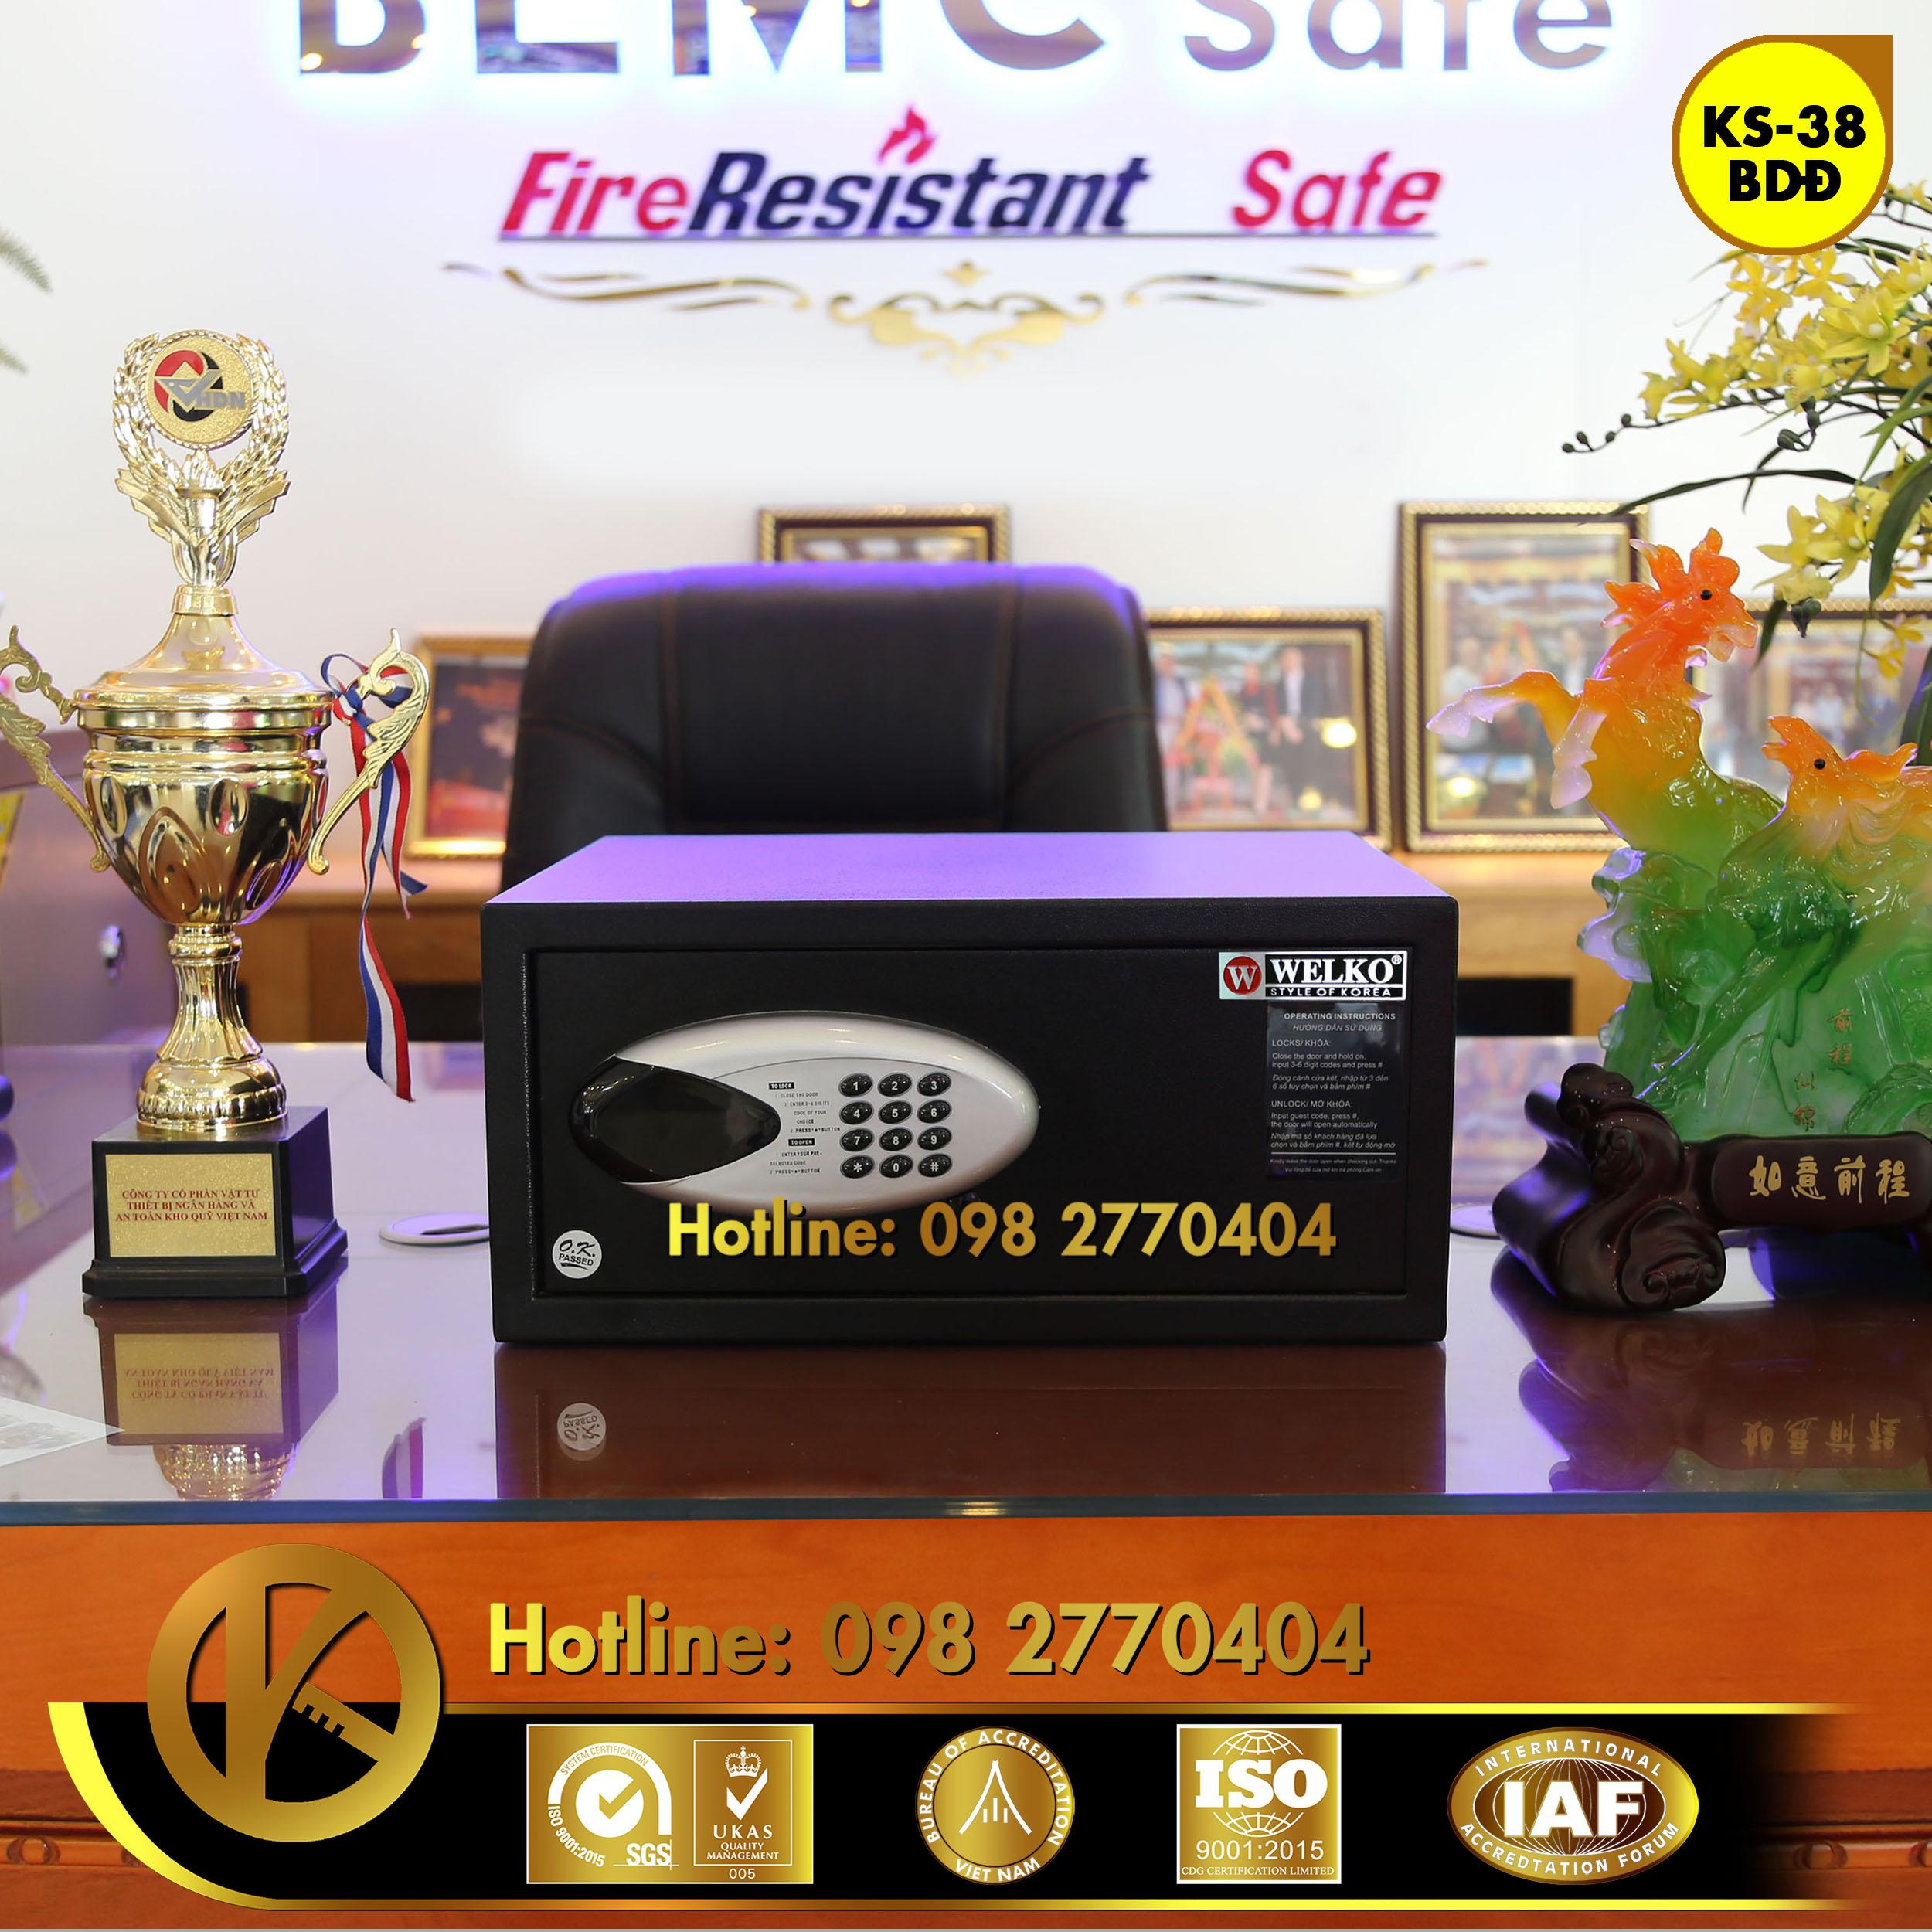 đặc điểm sản phẩm Két Sắt Khách Sạn HS38 BDD Black